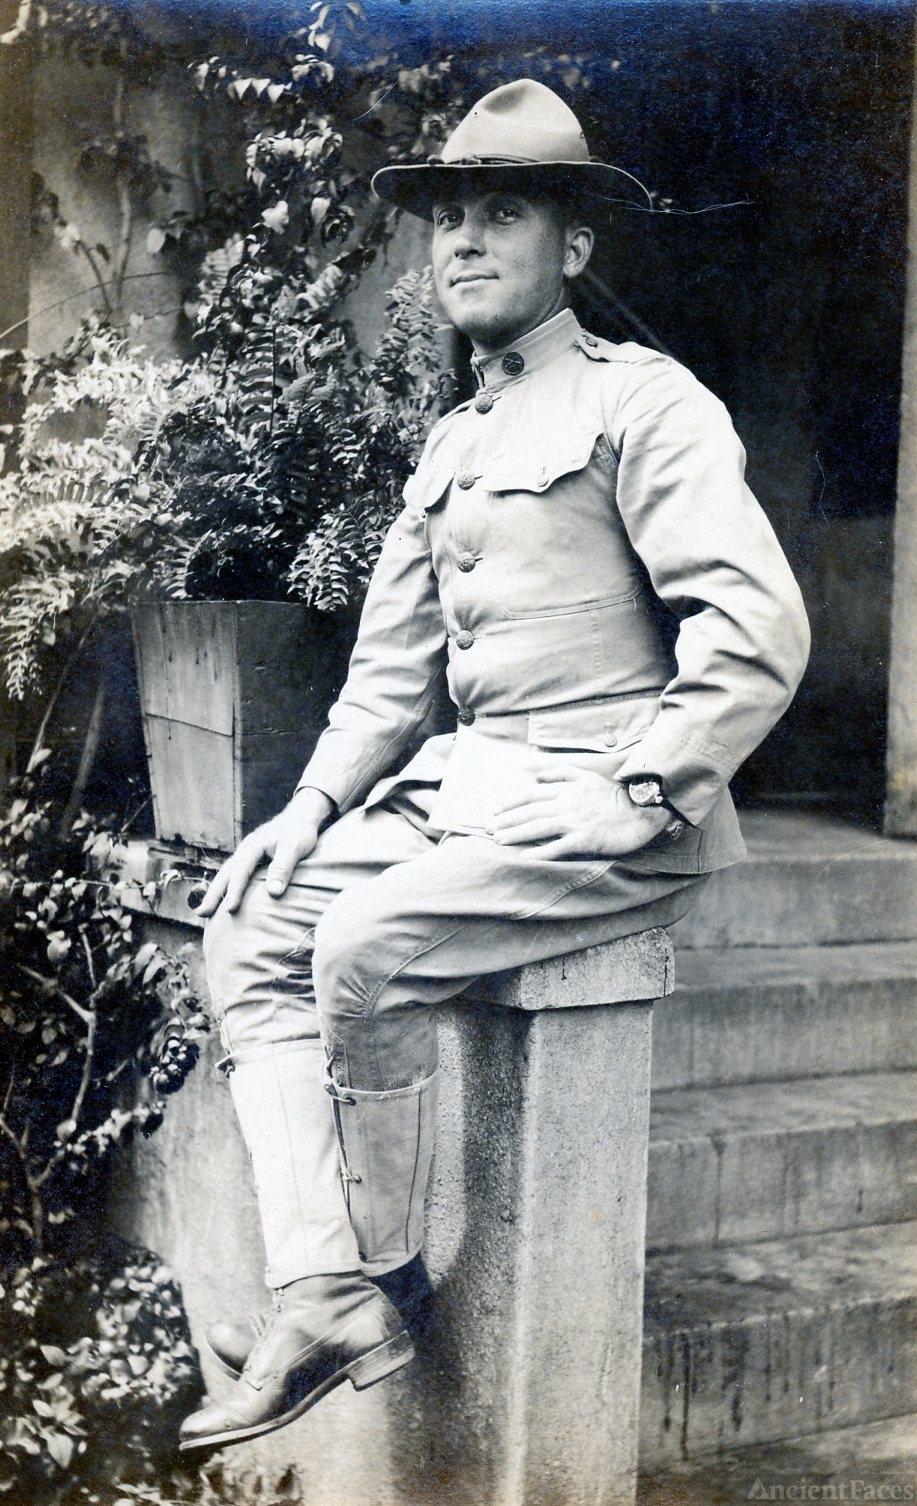 Wiley G. Ellis - US Army - WWI